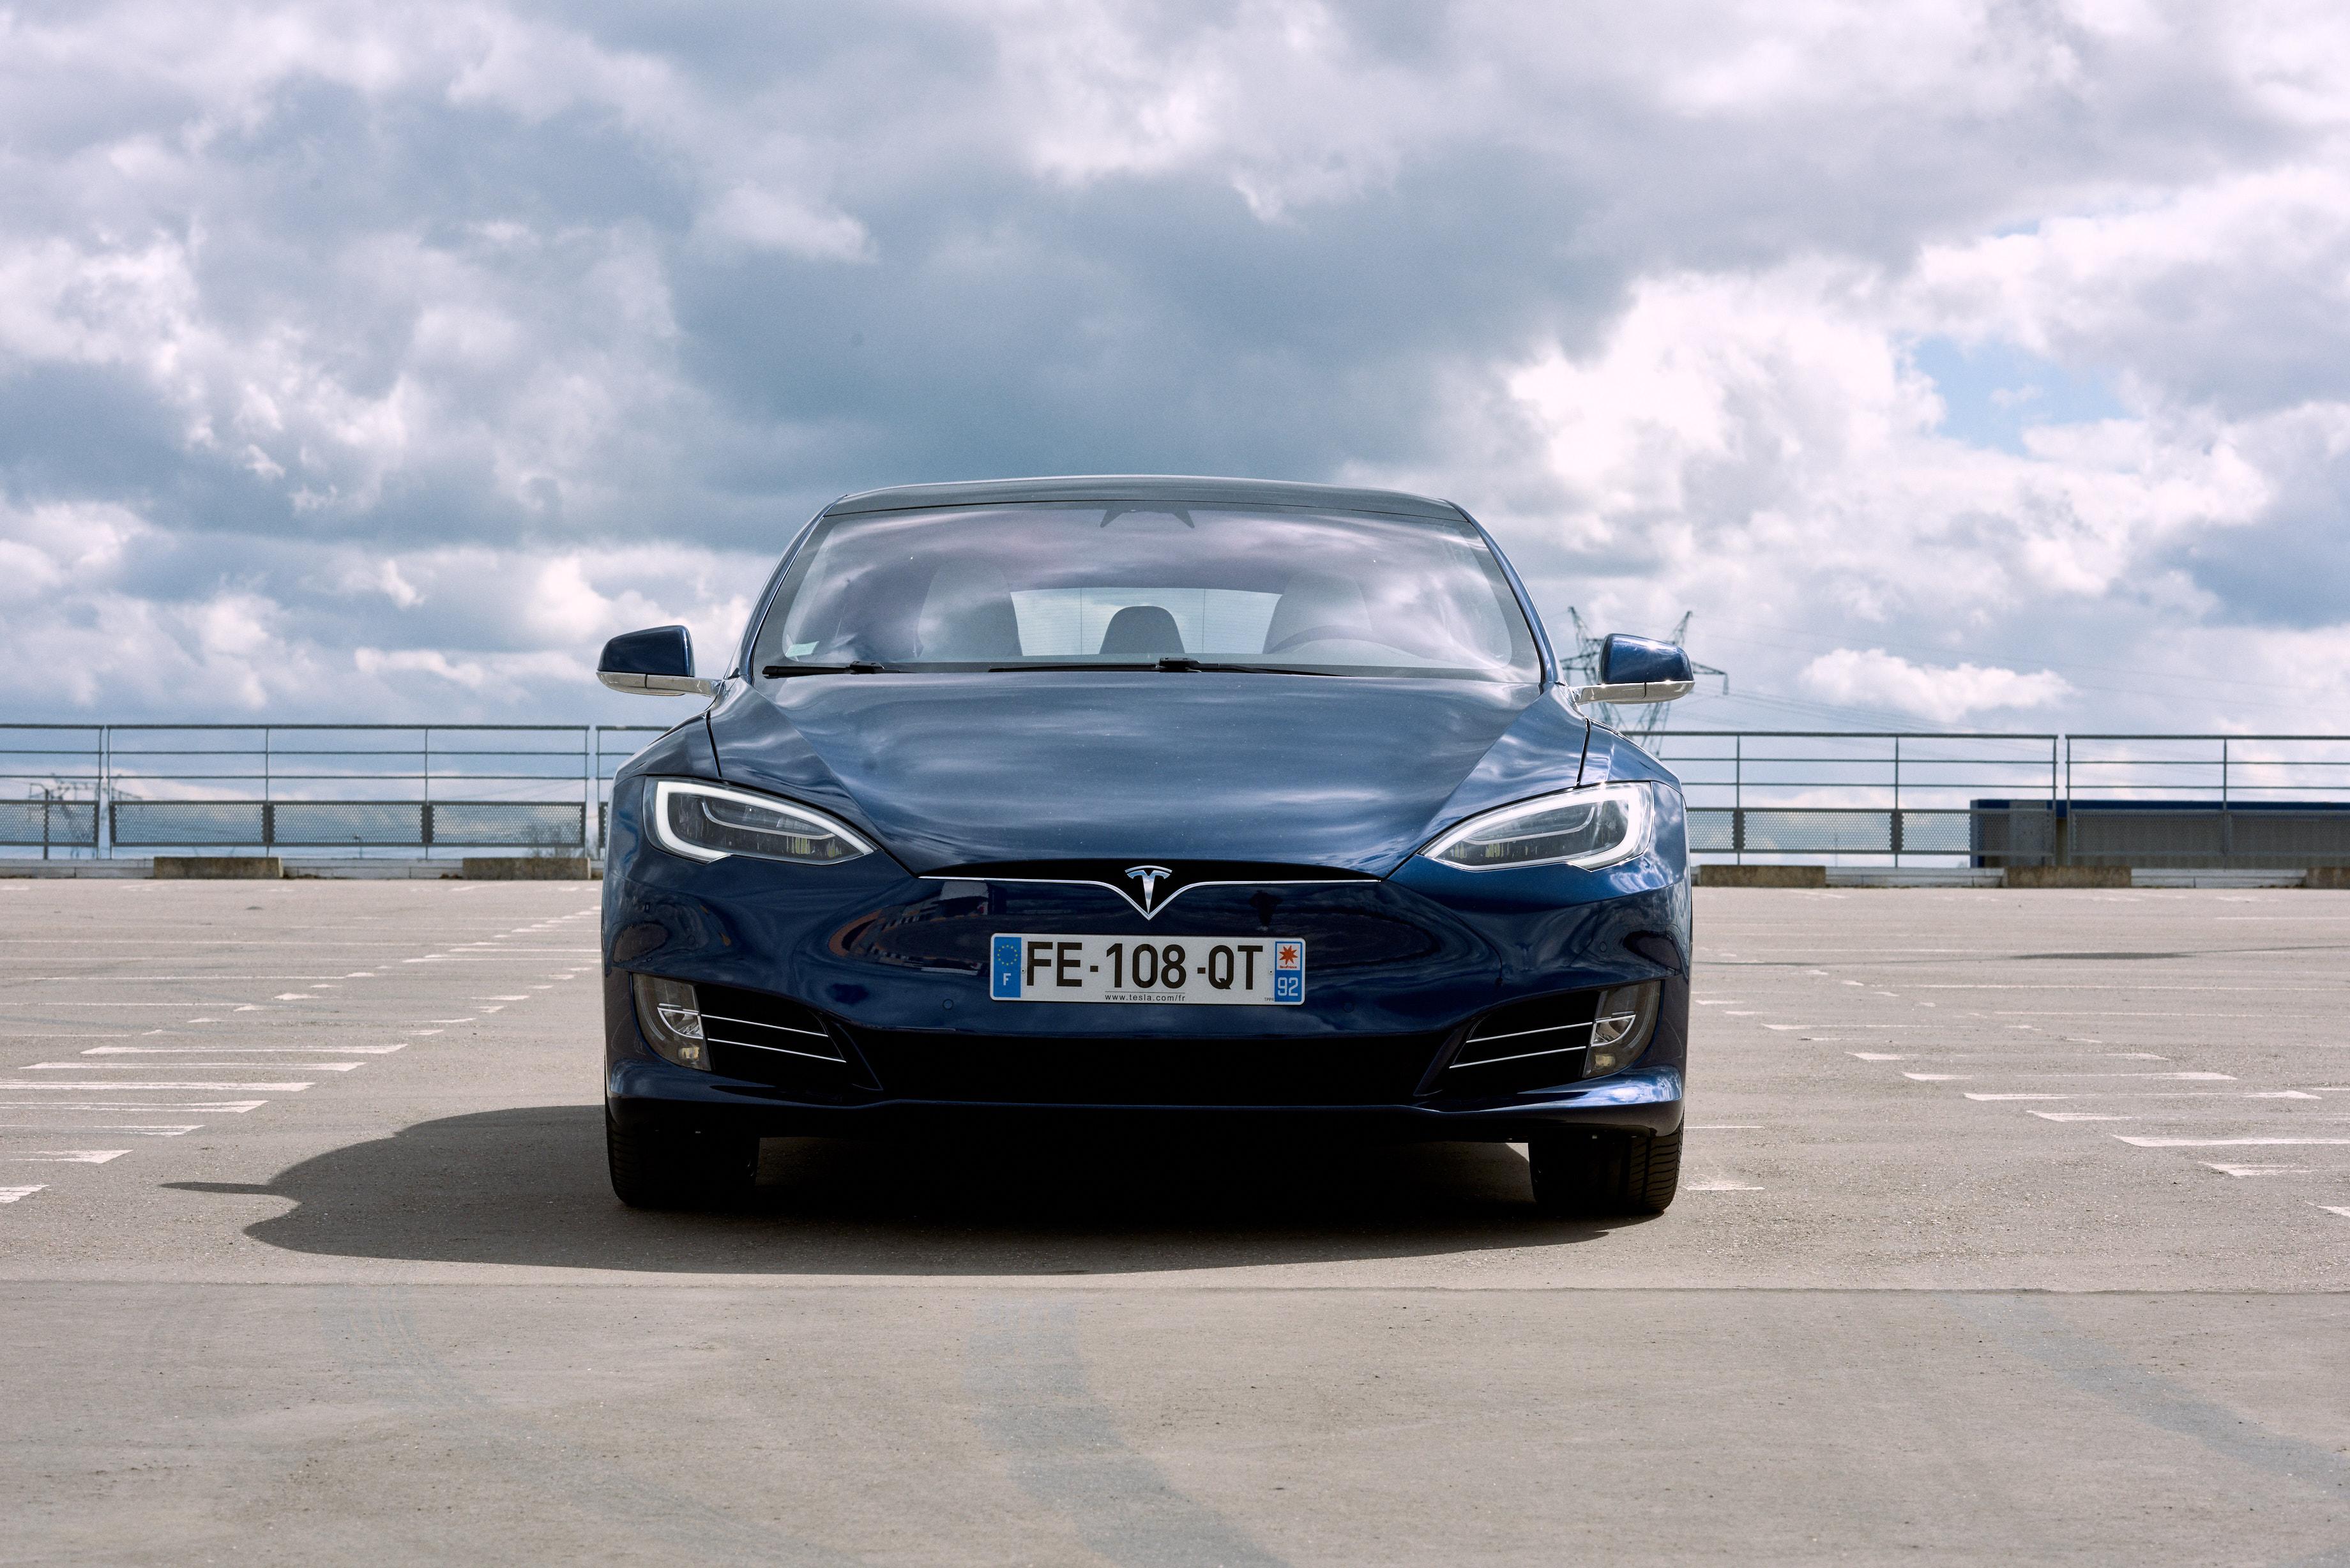 Musk évoque une Tesla avec plus de 600 km d'autonomie : c'est bien, mais pas encore assez